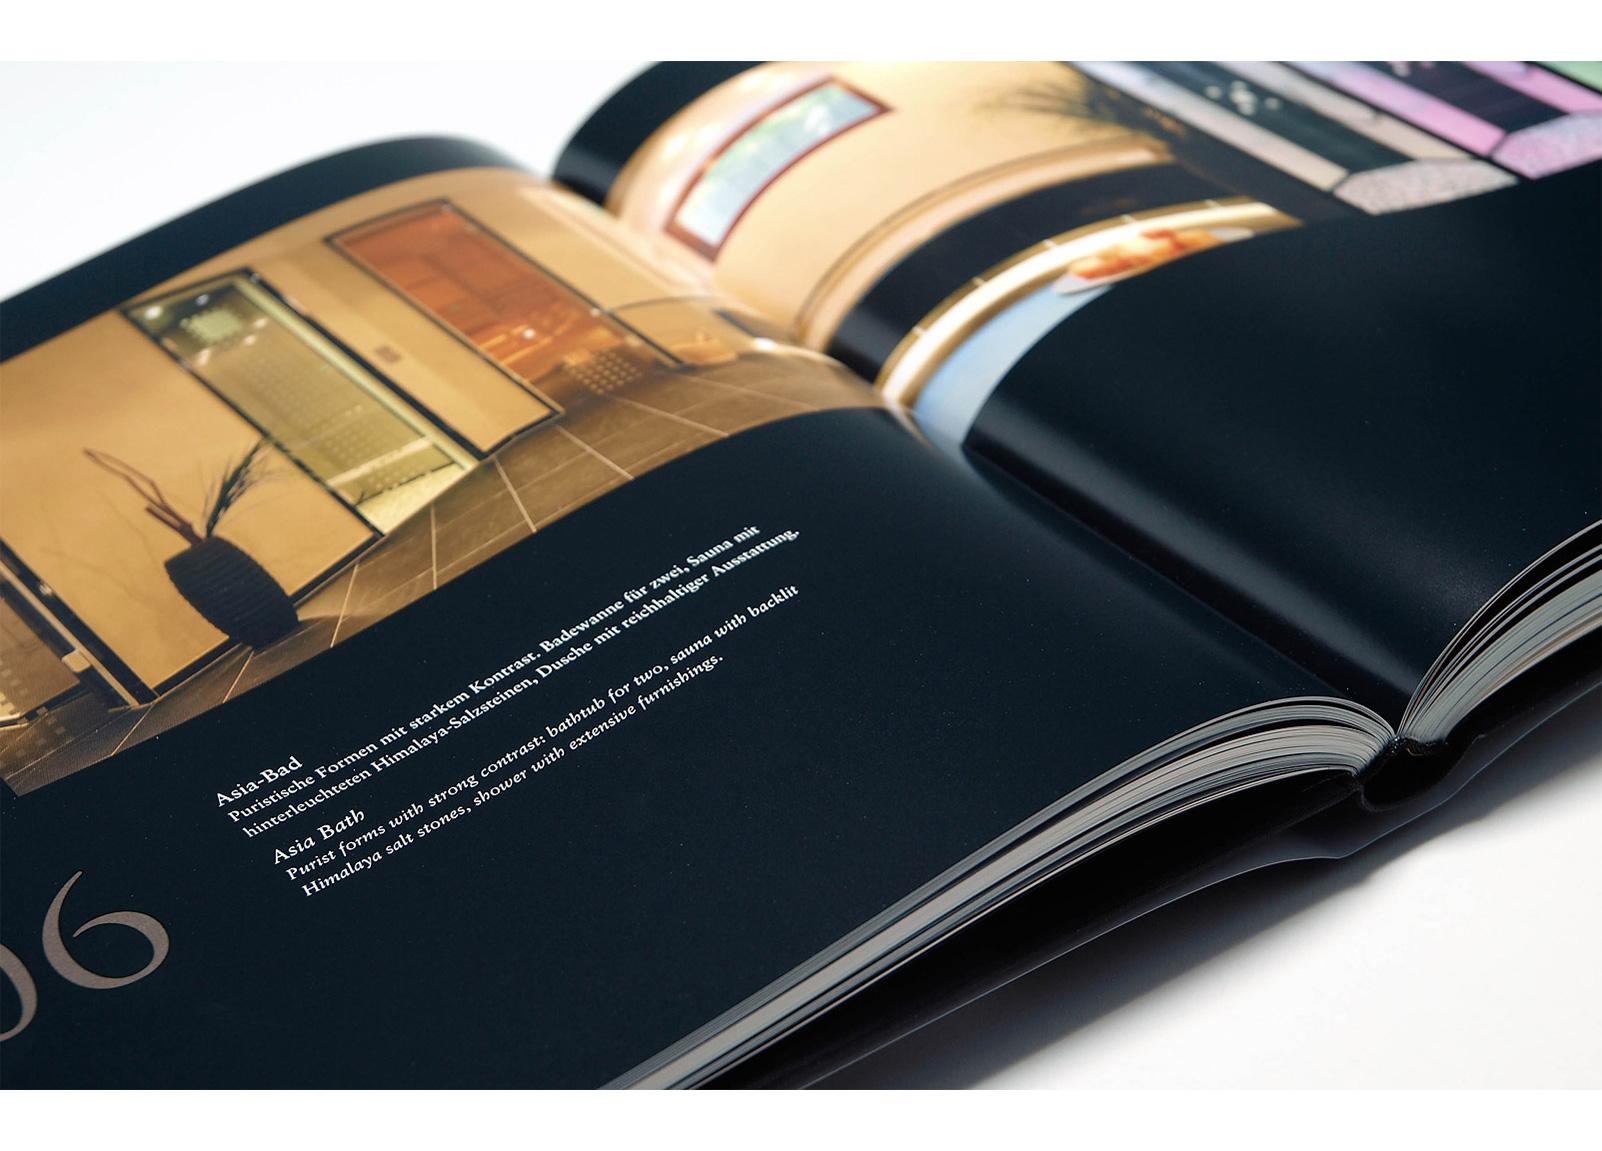 hilpert dehler design werbeagentur fulda. Black Bedroom Furniture Sets. Home Design Ideas